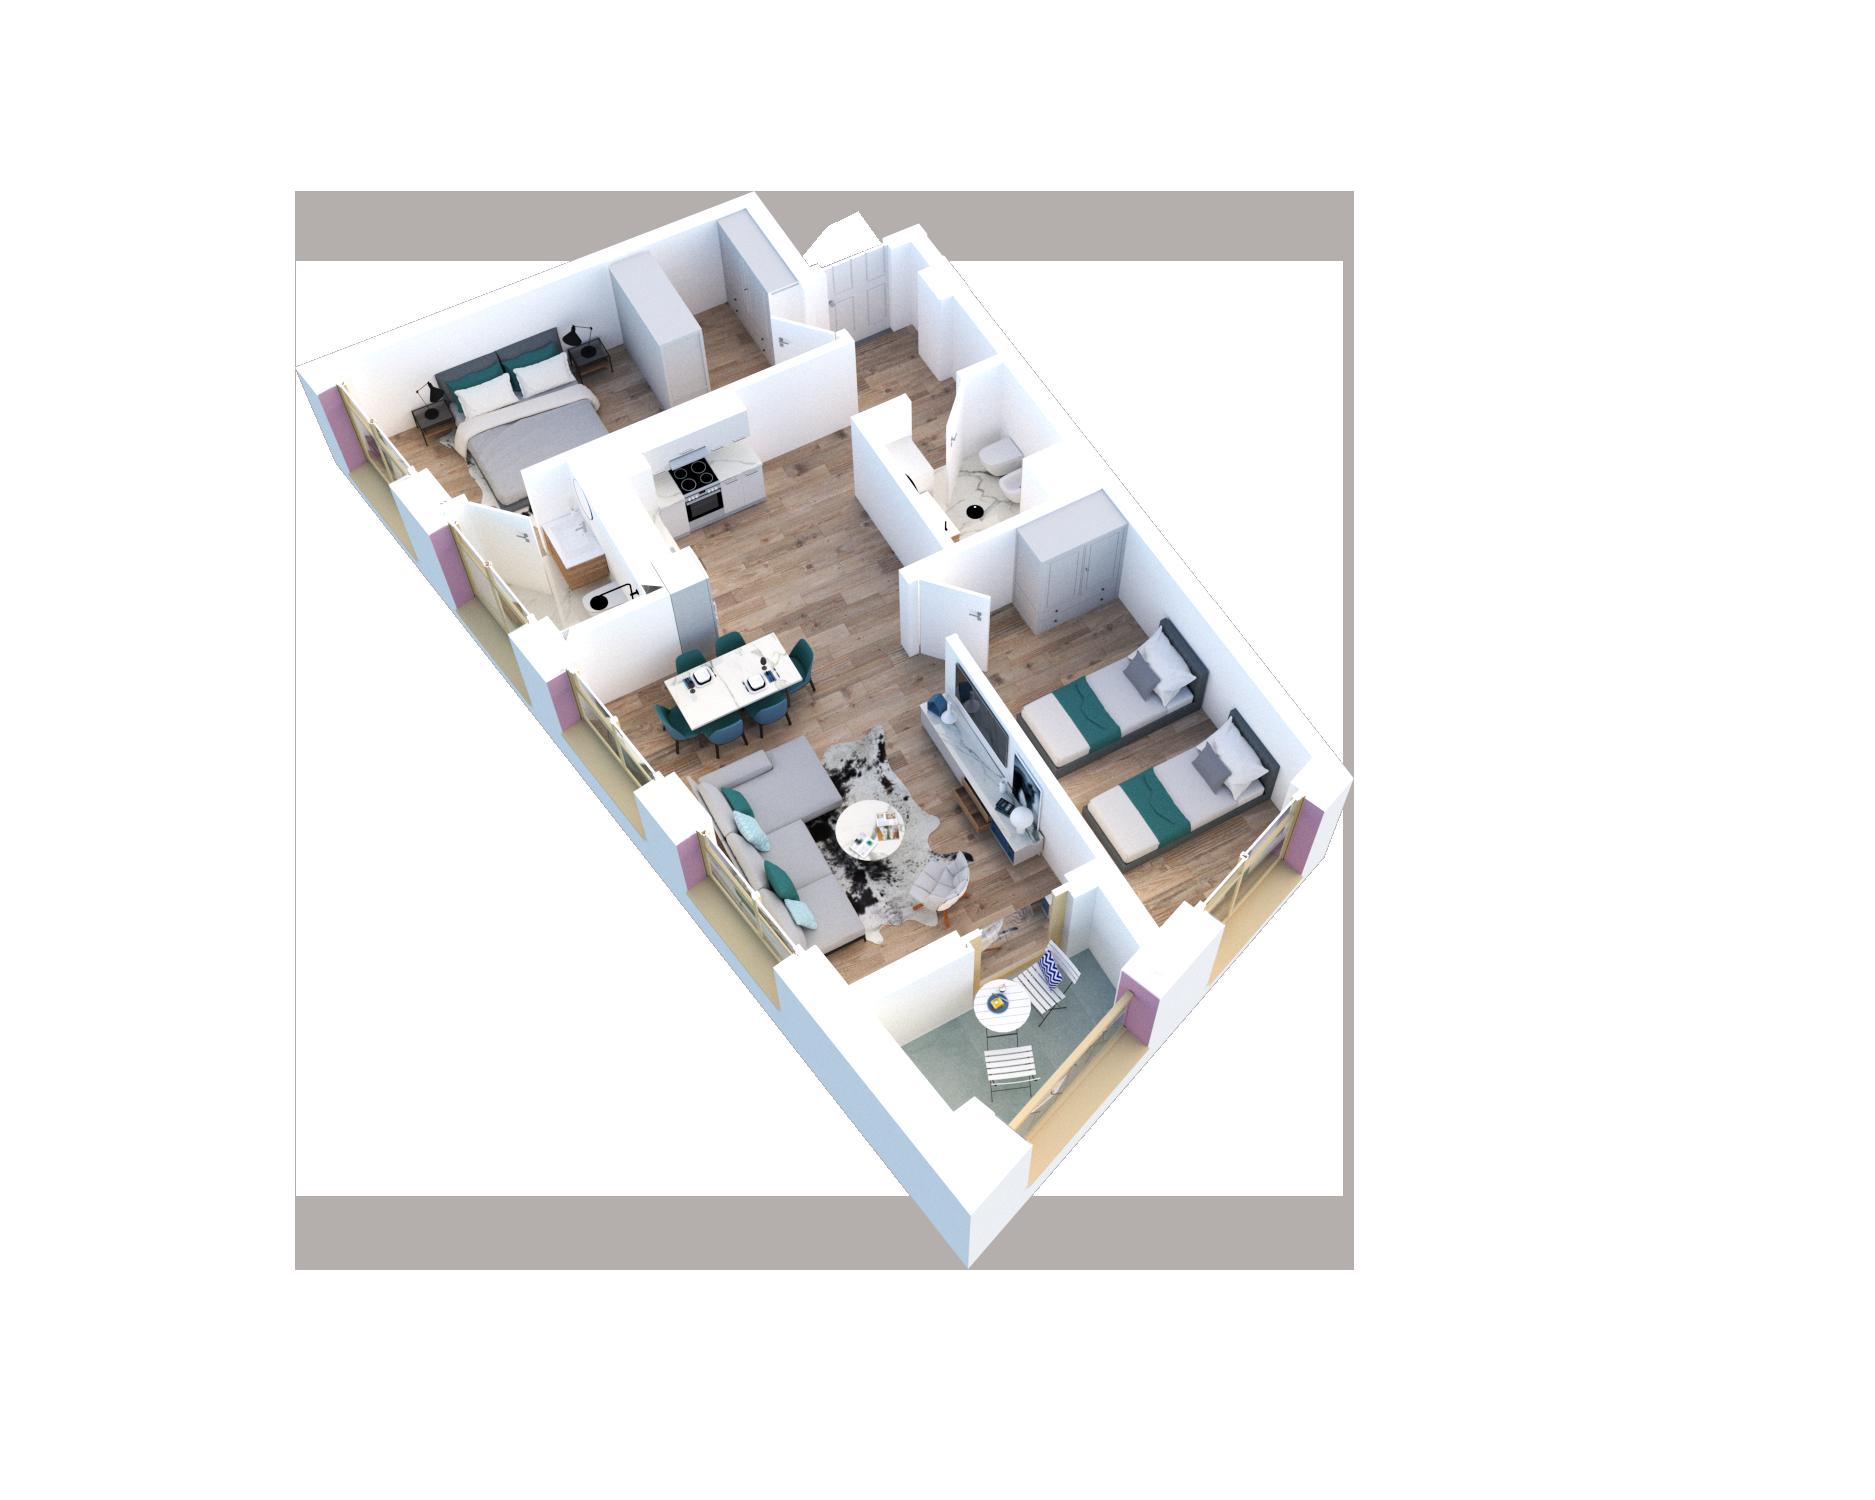 Apartament 2+1 në shitje në Tiranë - Mangalem 21 Shkalla 28 Kati 5